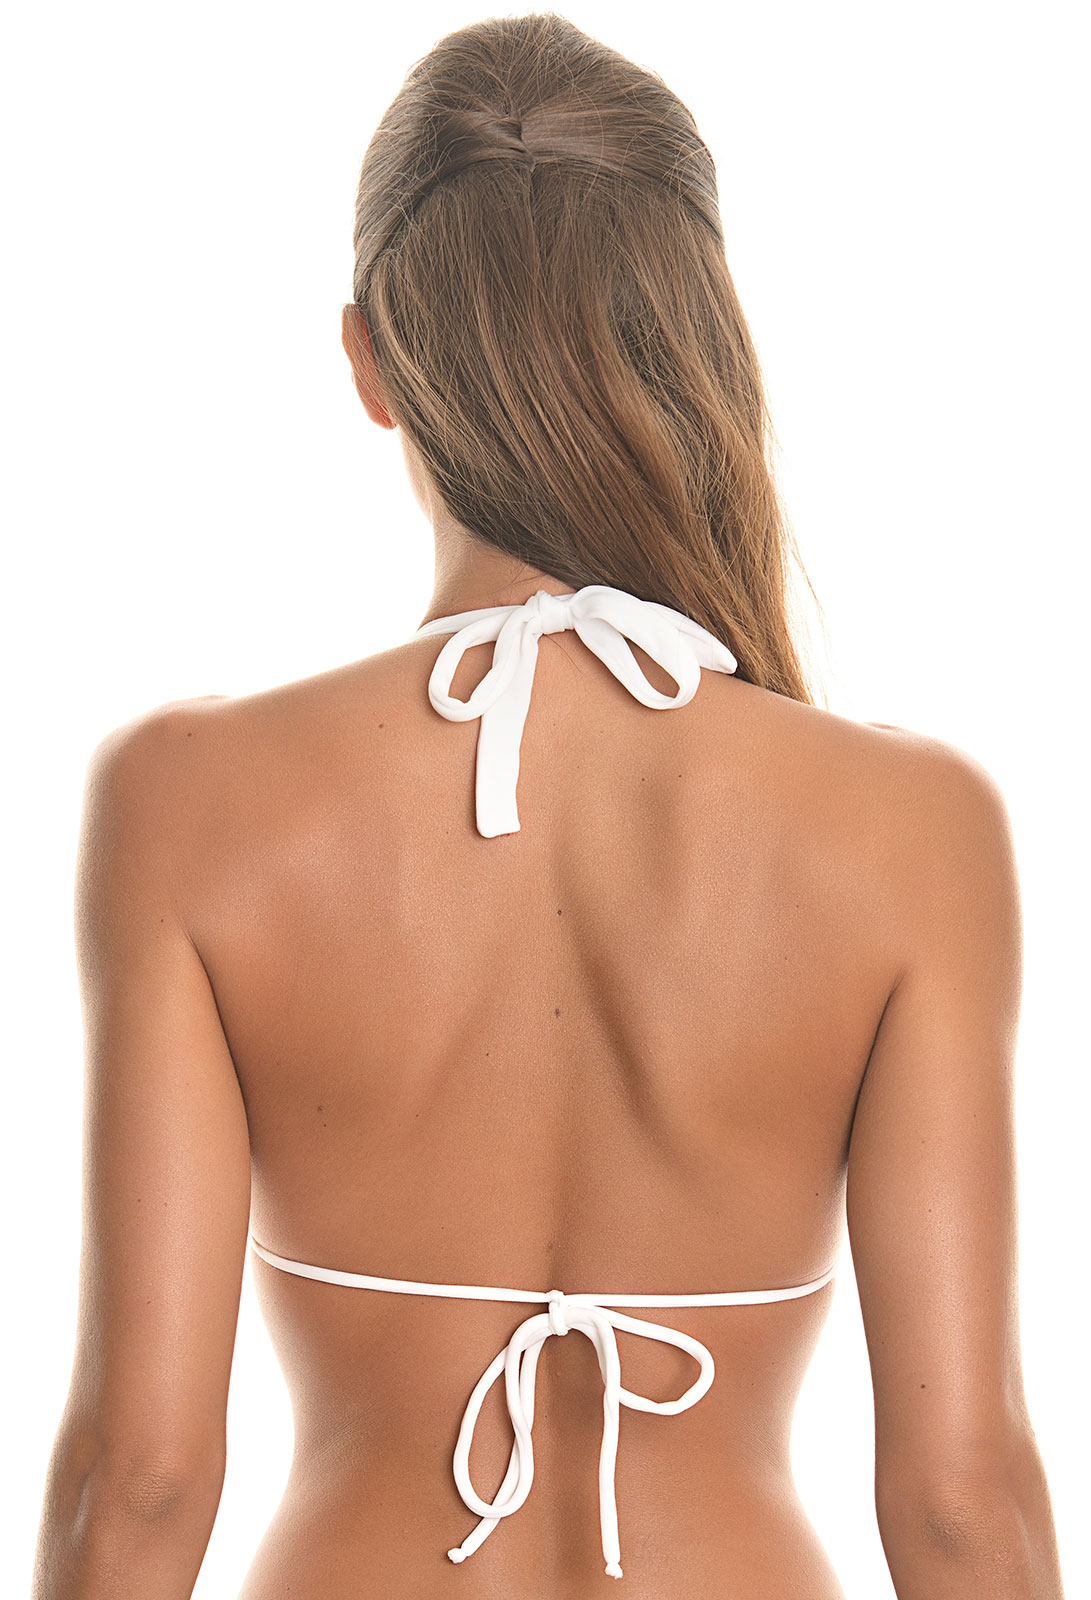 1395bc8ca0bc3 Bikini Tops Triangle Top - Soutien Doce De Coco - Brand Rio de Sol